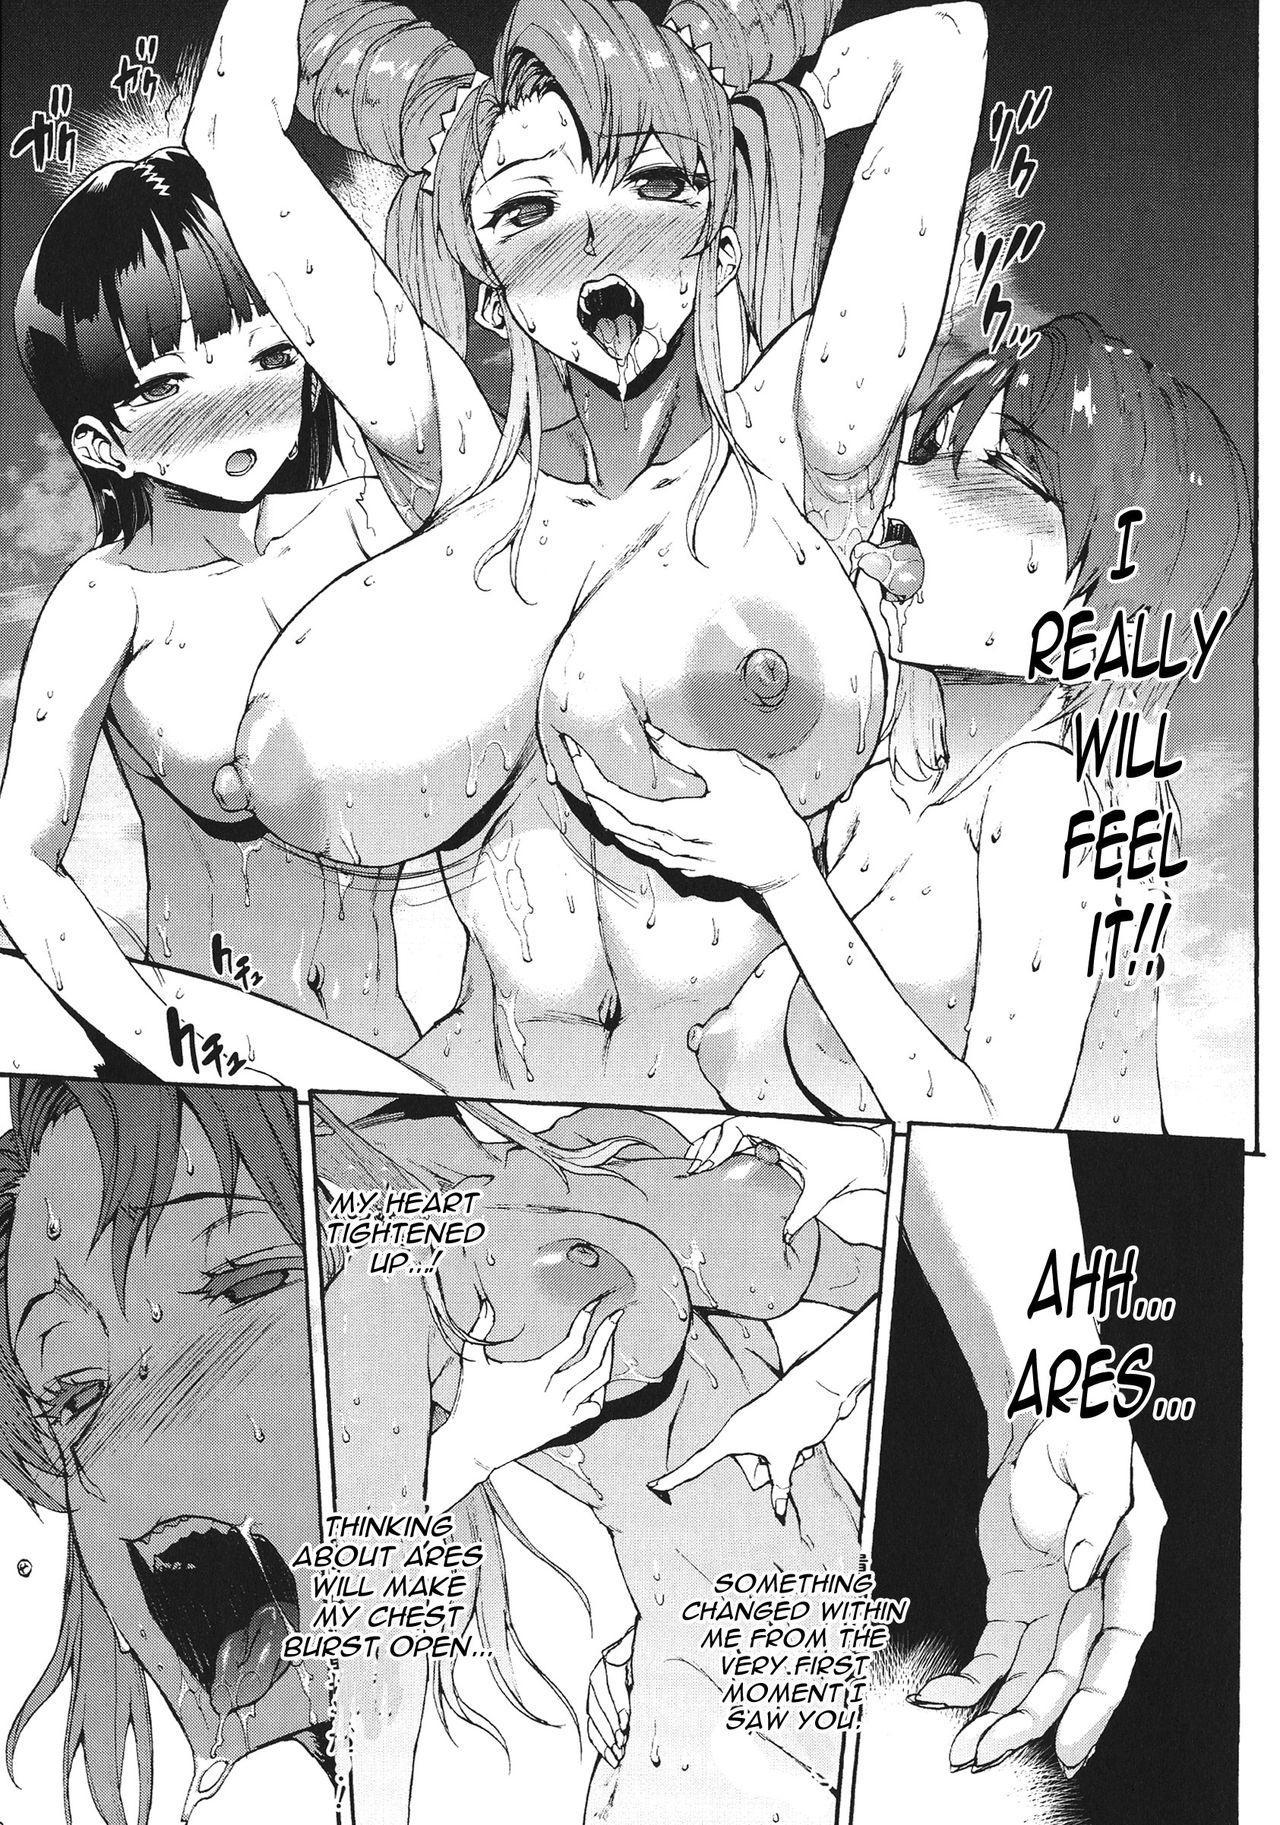 [Erect Sawaru] Raikou Shinki Igis Magia -PANDRA saga 3rd ignition- Ch. 1-7 + Medousa [English] [CGrascal] 164